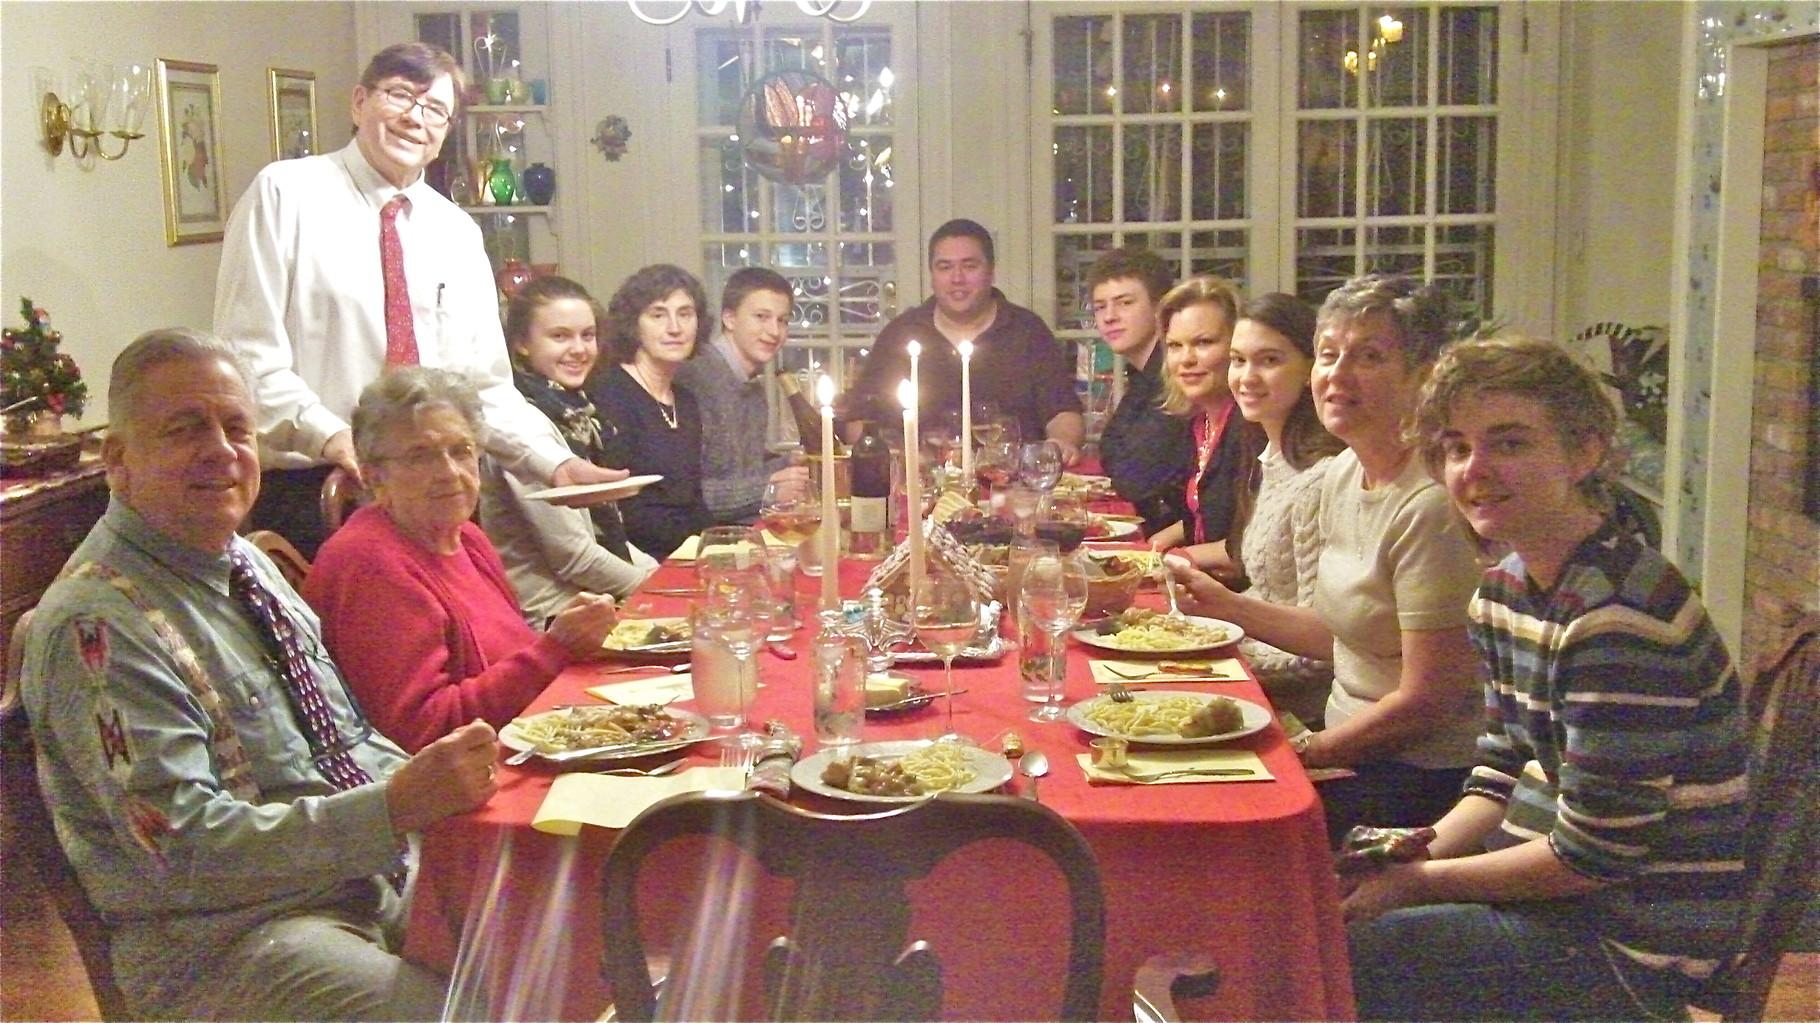 Xmas Day Dinner: Stuart Kagel, Mary Lou Wagner, John Wagner, Kate Kagel, Ann Wagner, Jack Kagel, Greg Wagner, Ben Ackerman, Celeste Gudas, Ellie Kagel, Cindy Wagner, Kathleen Ackerman